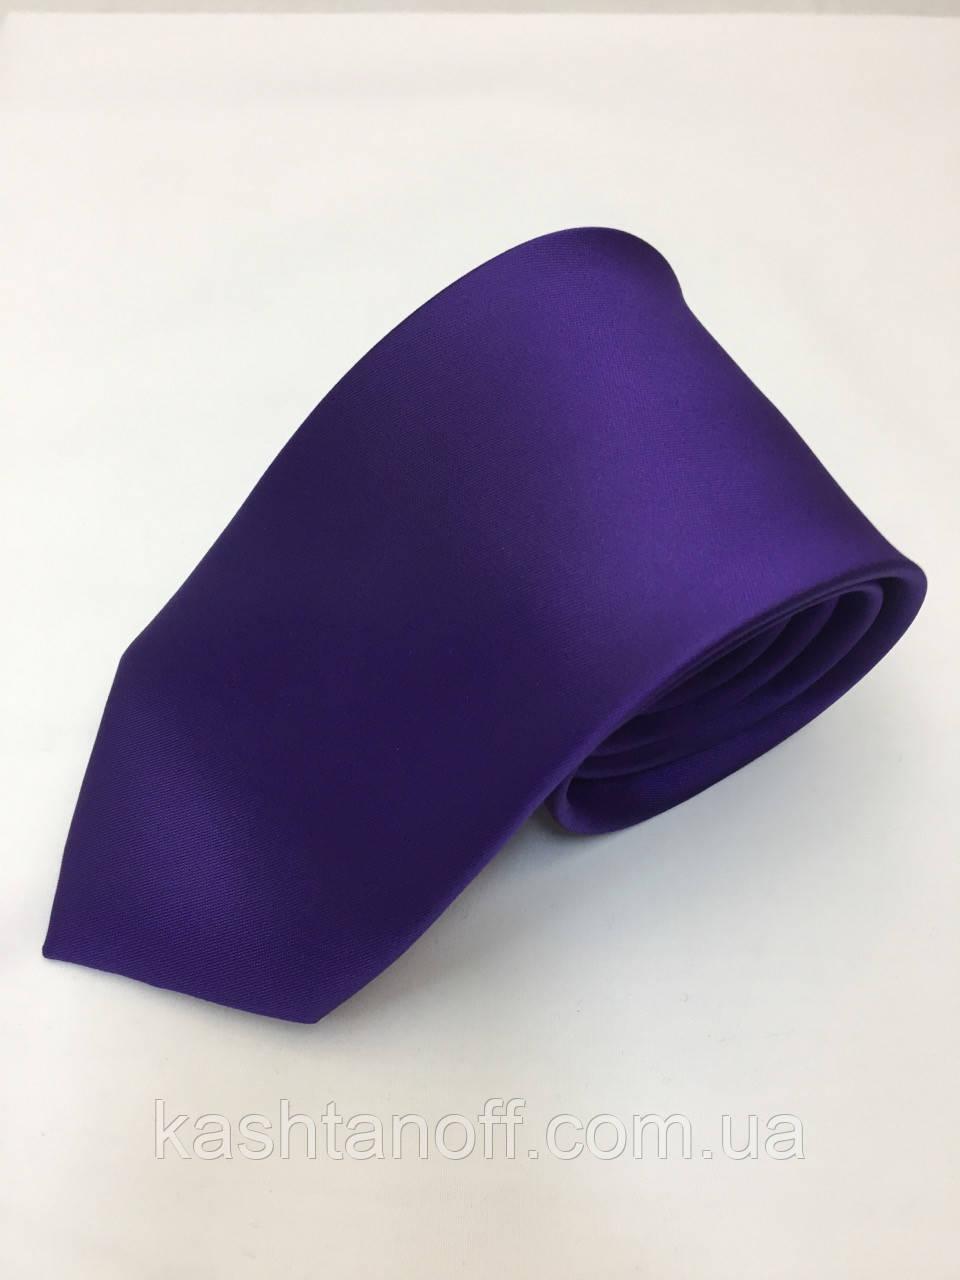 Галстук классический темно-фиолетовый